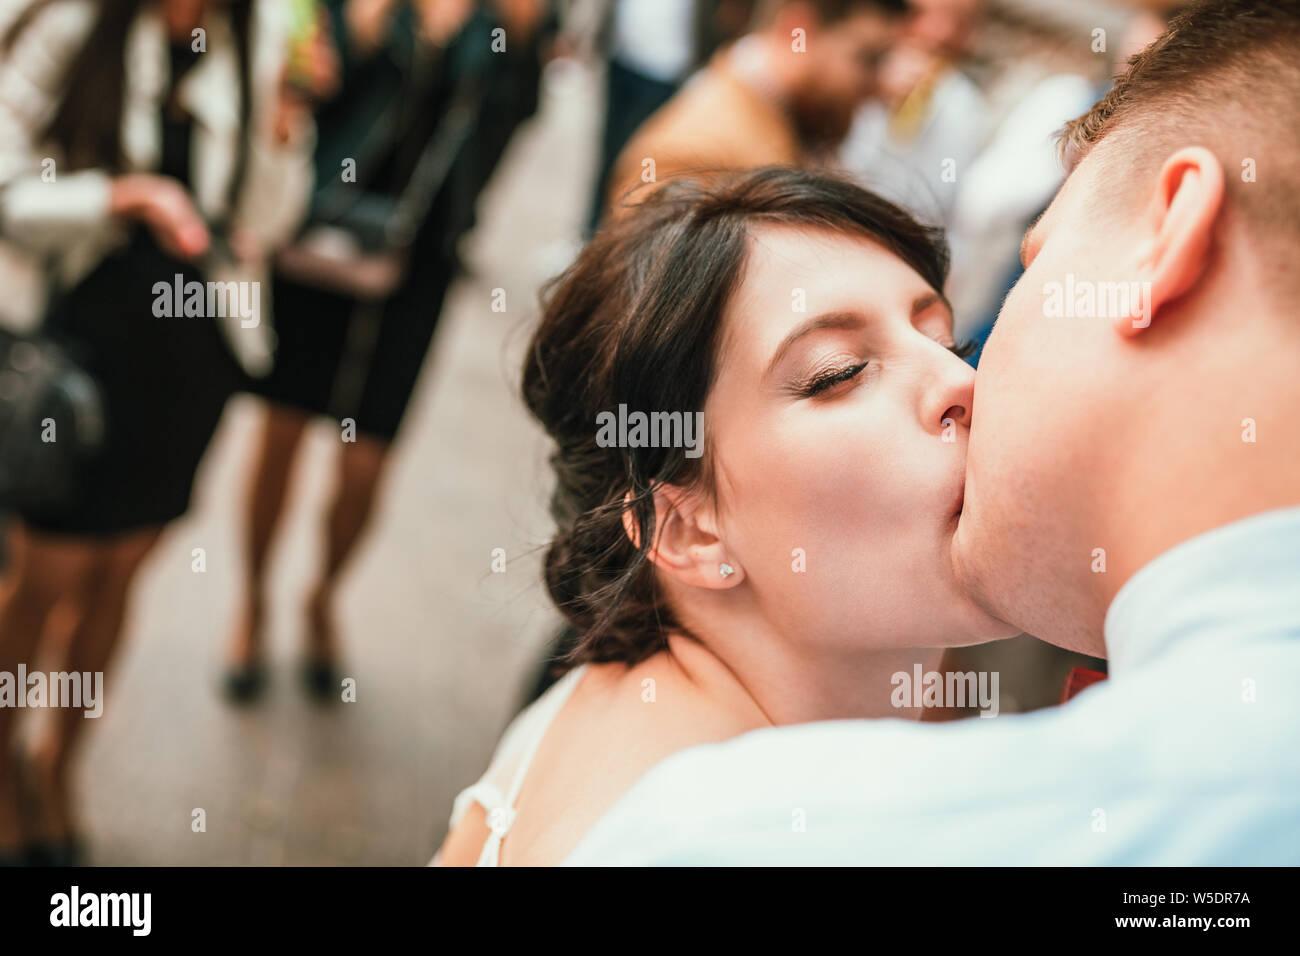 Hermosa novia y novio abrazos y besos en el día de su boda al aire libre. Concepto boda, nueva familia. Foto de stock